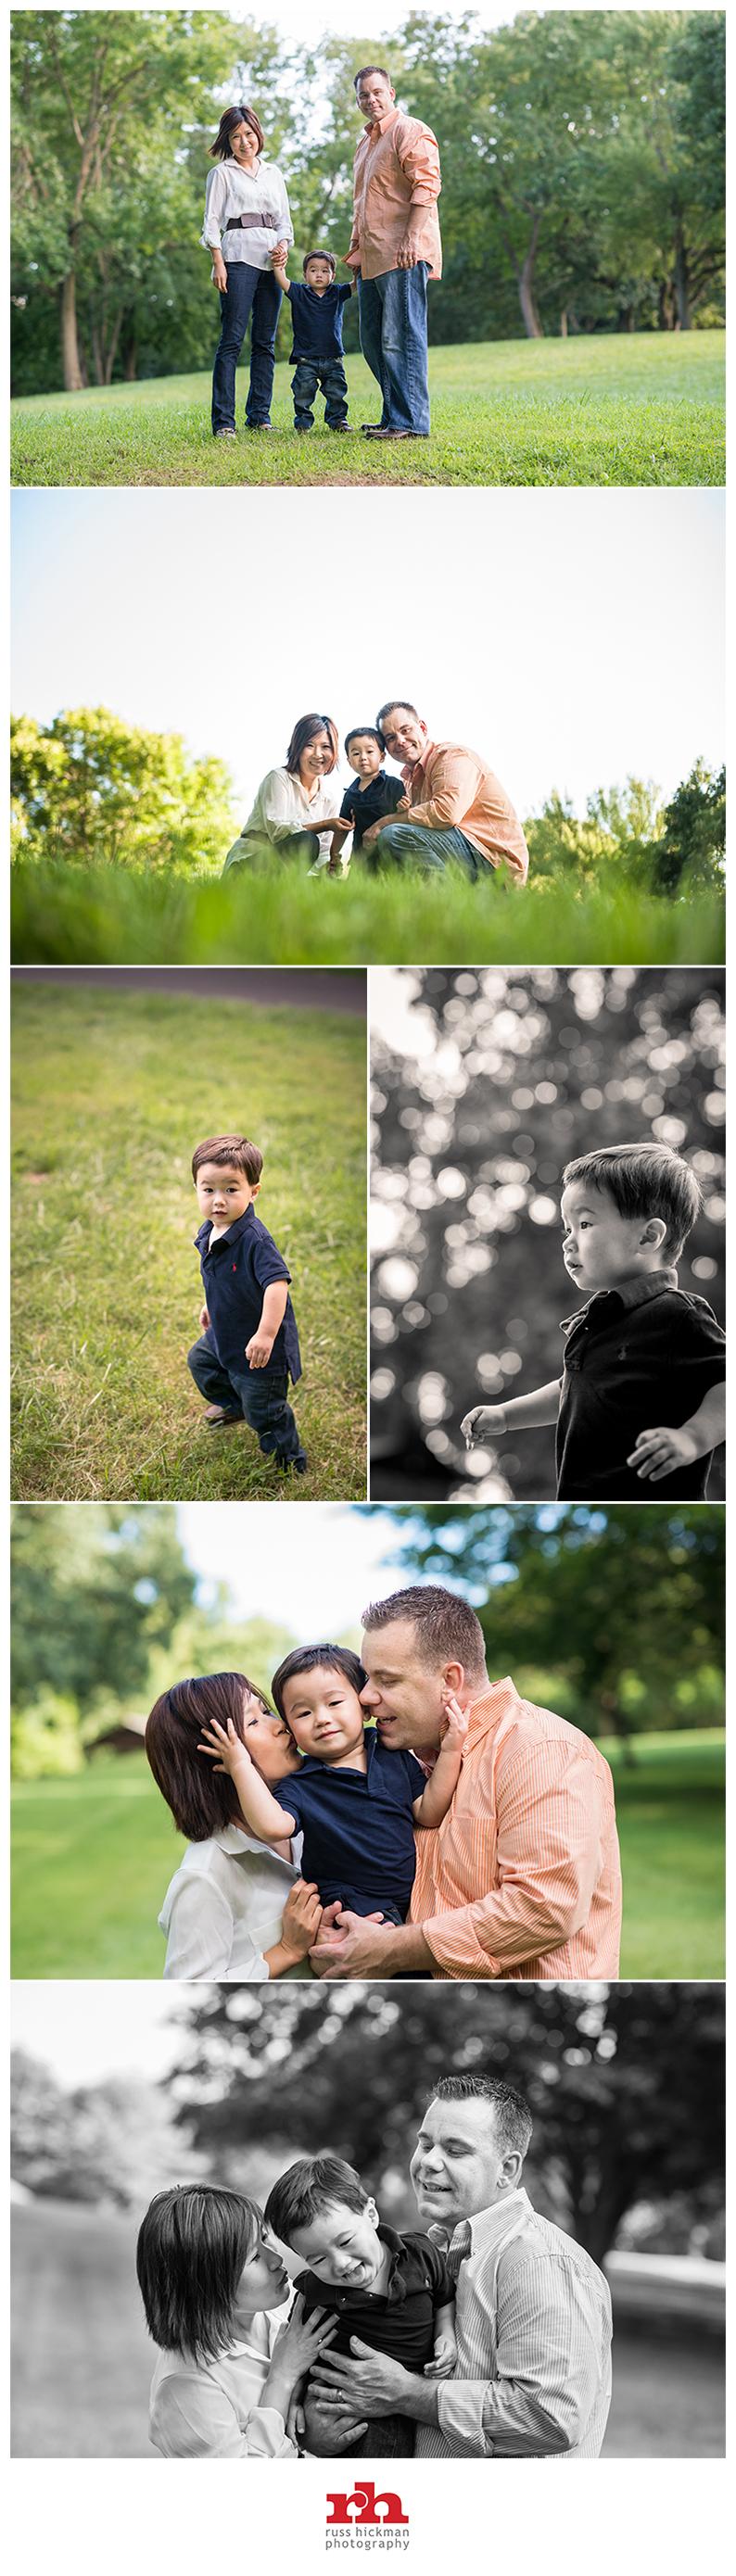 Philadelphia Family Photographer WFSFB002